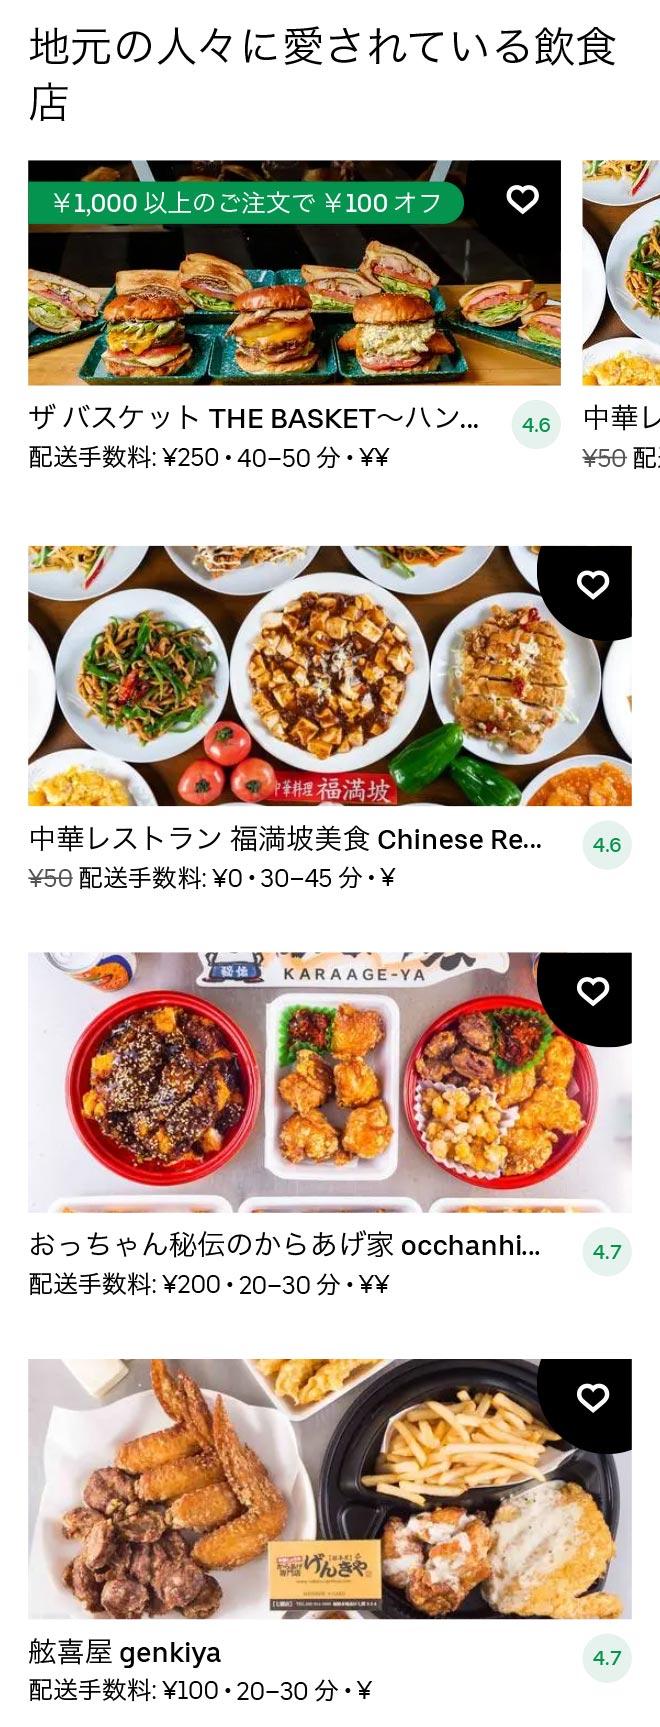 Nanakuma menu 2101 04